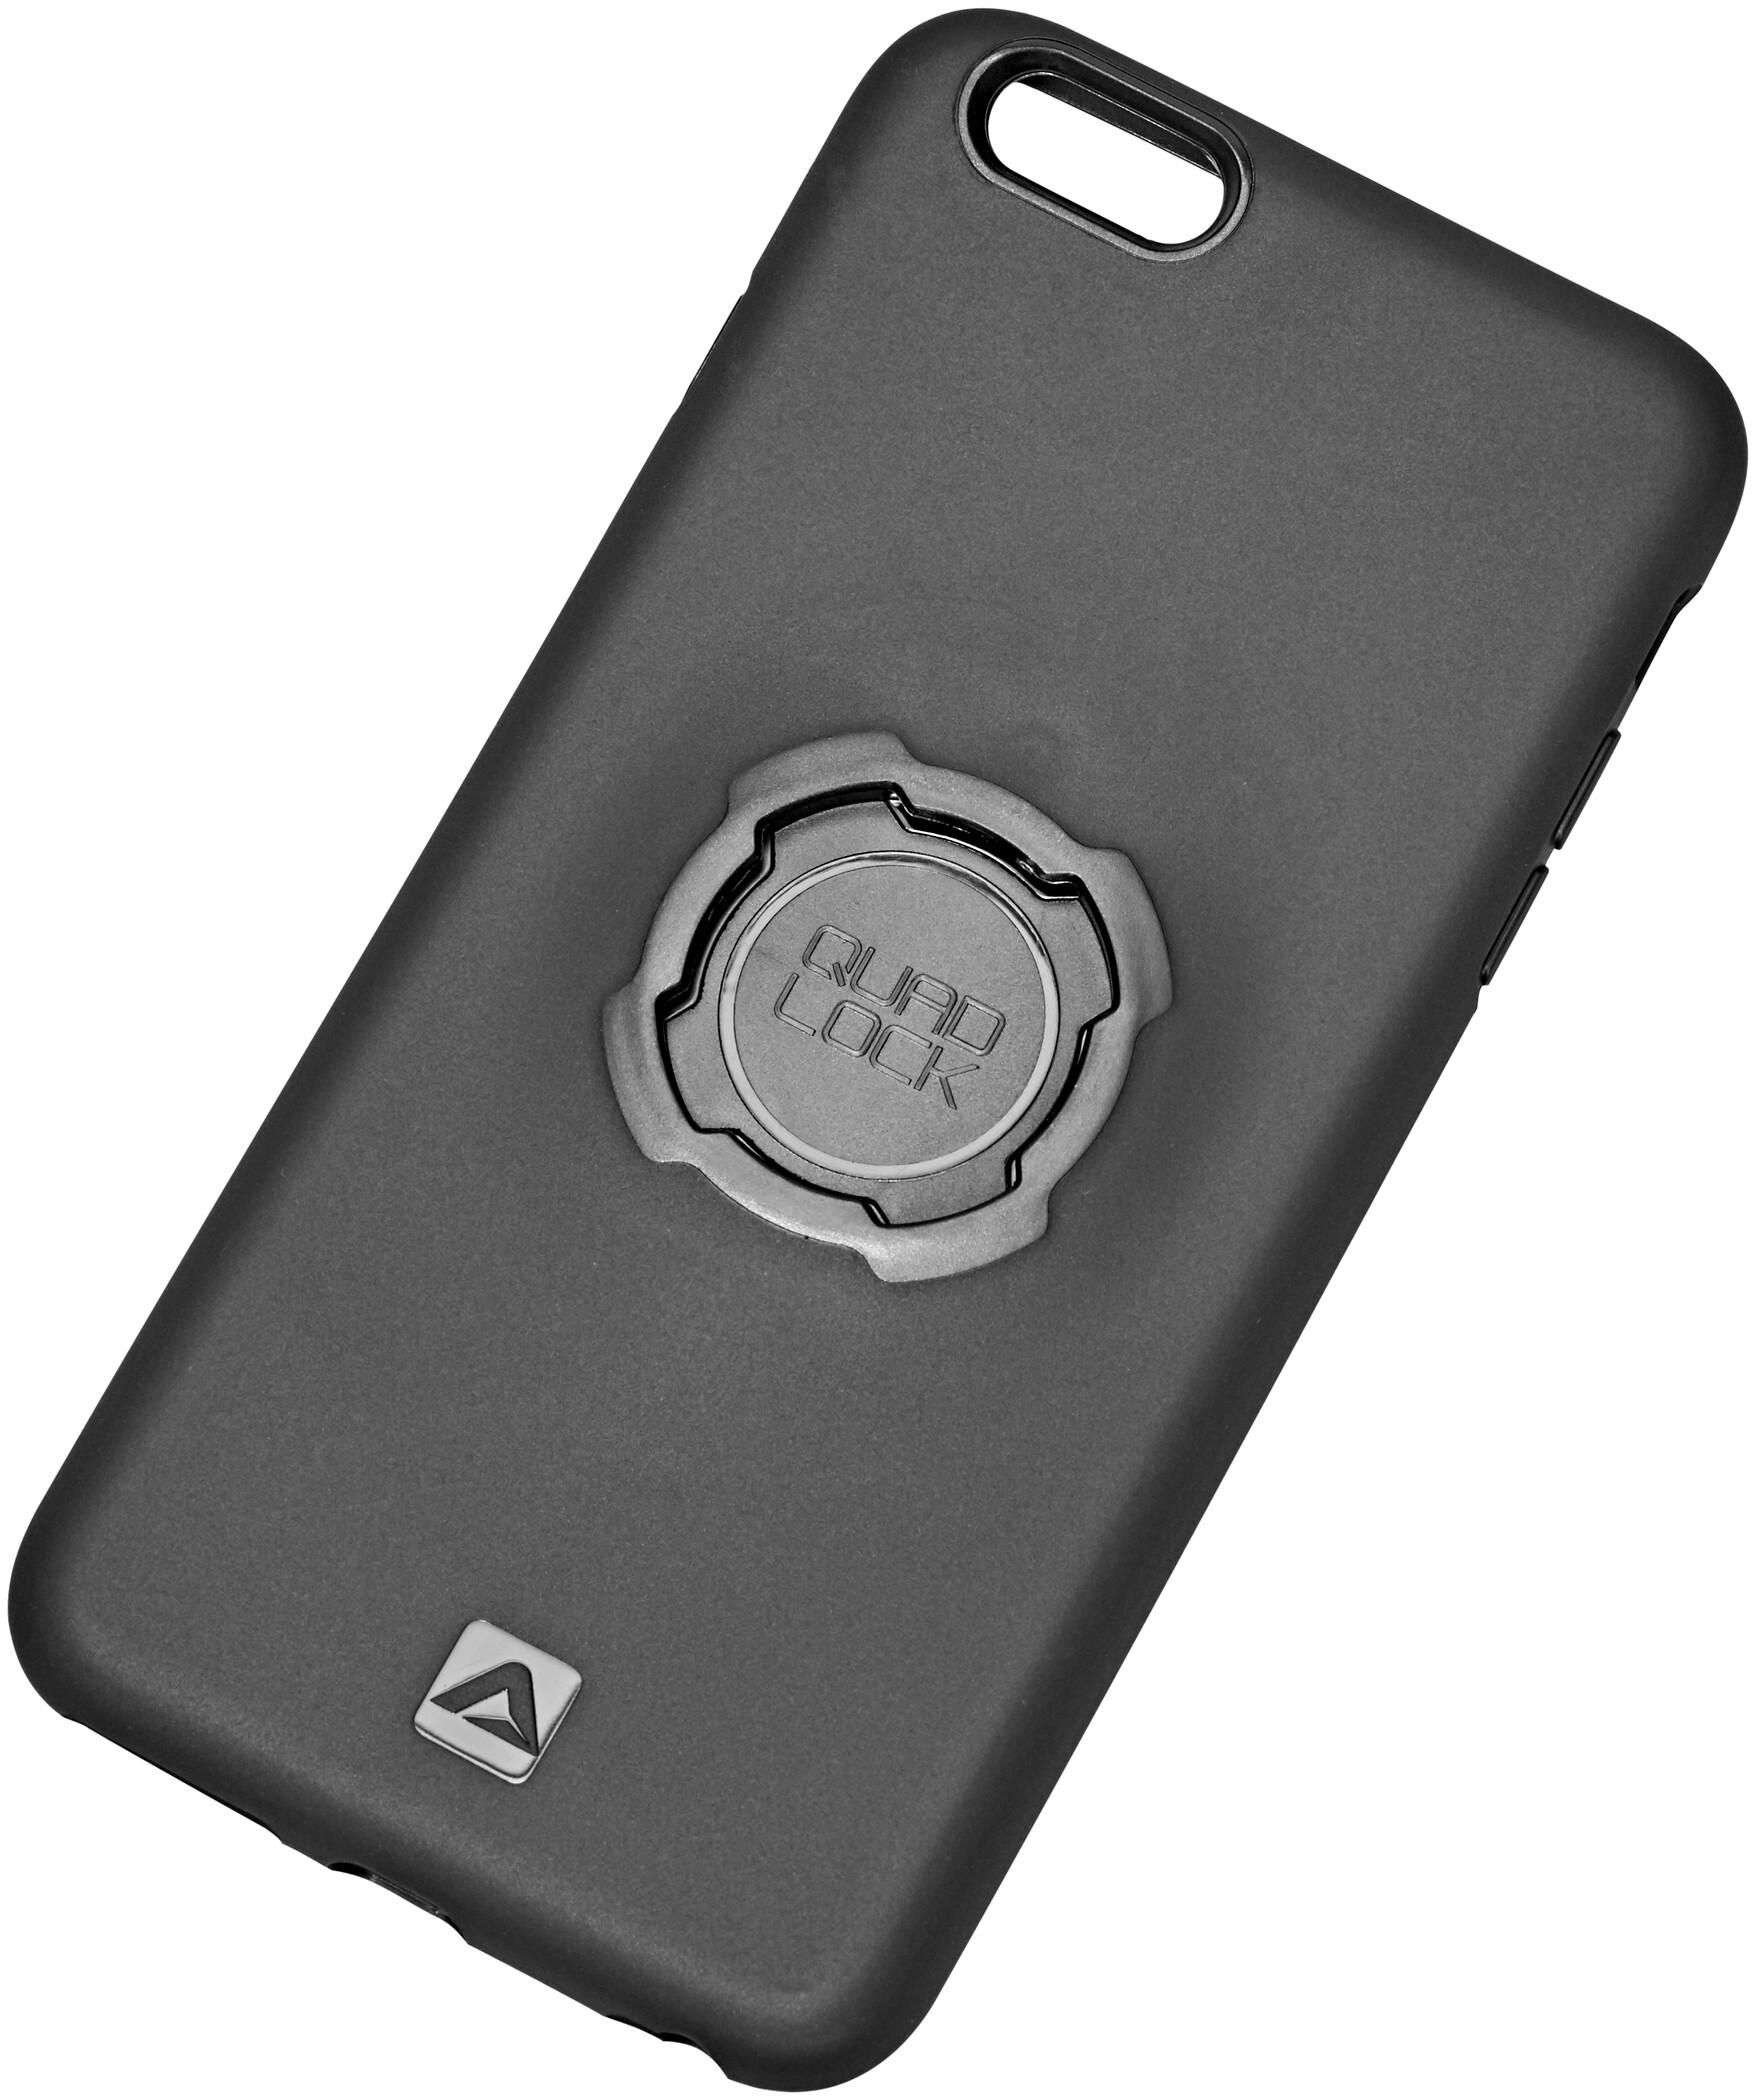 Quad Lock Case iPhone 6 6s Plus | phone_mounts_component